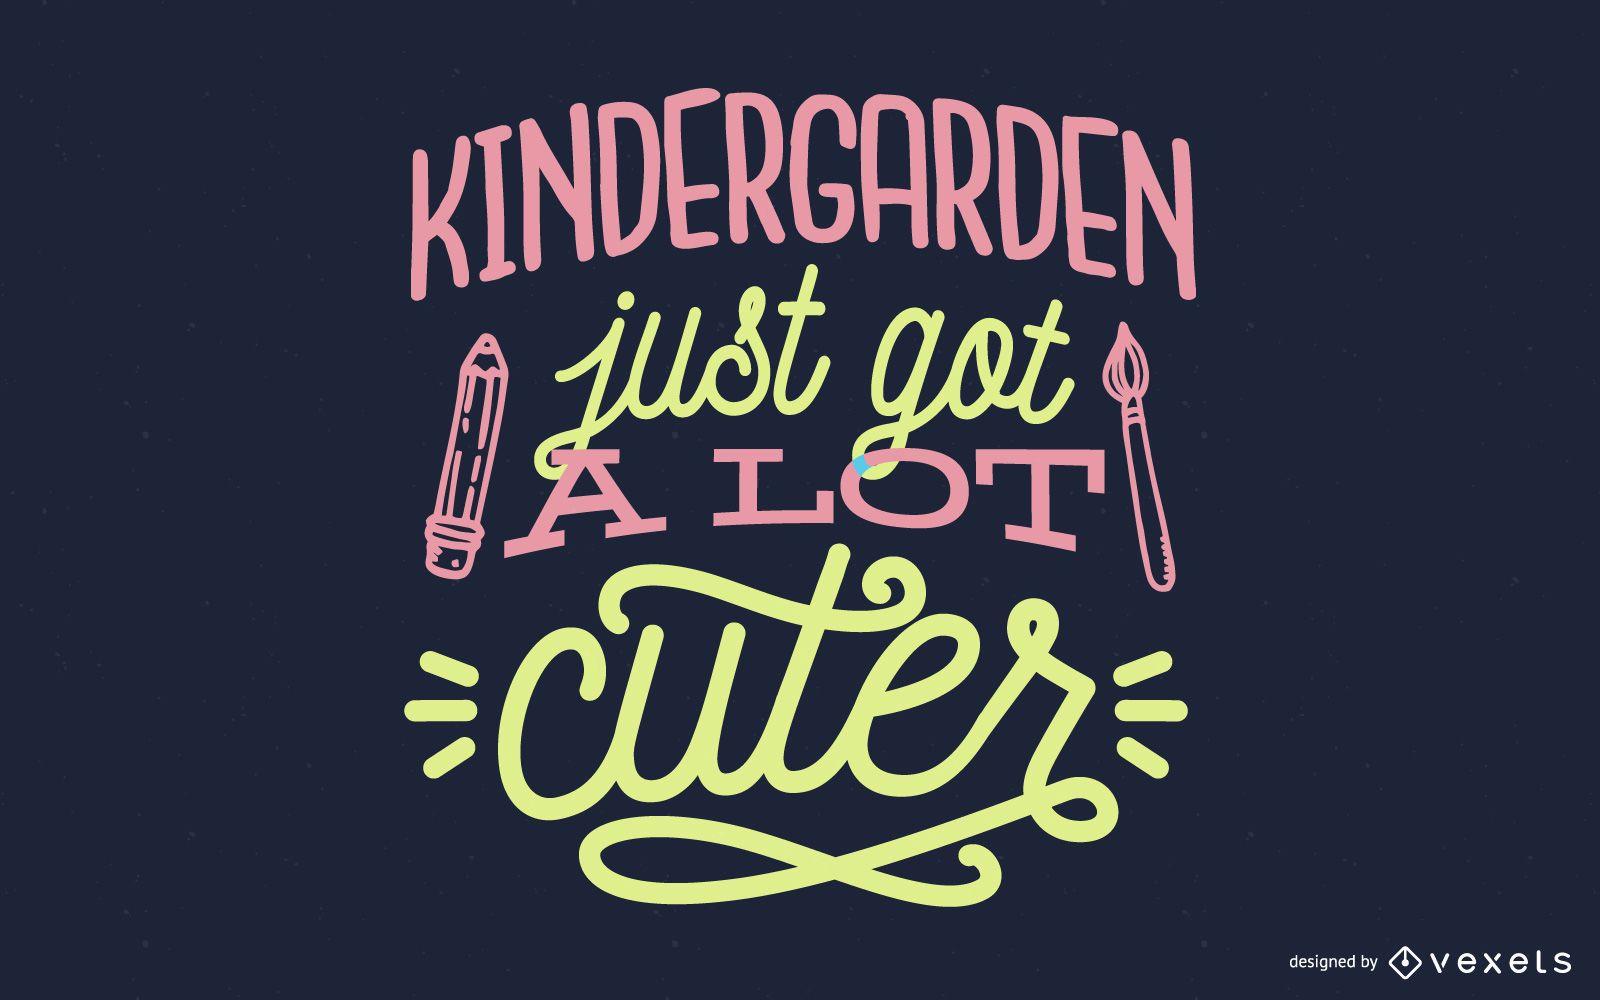 Kindergarden acaba de obtener un dise?o de letras mucho m?s lindo